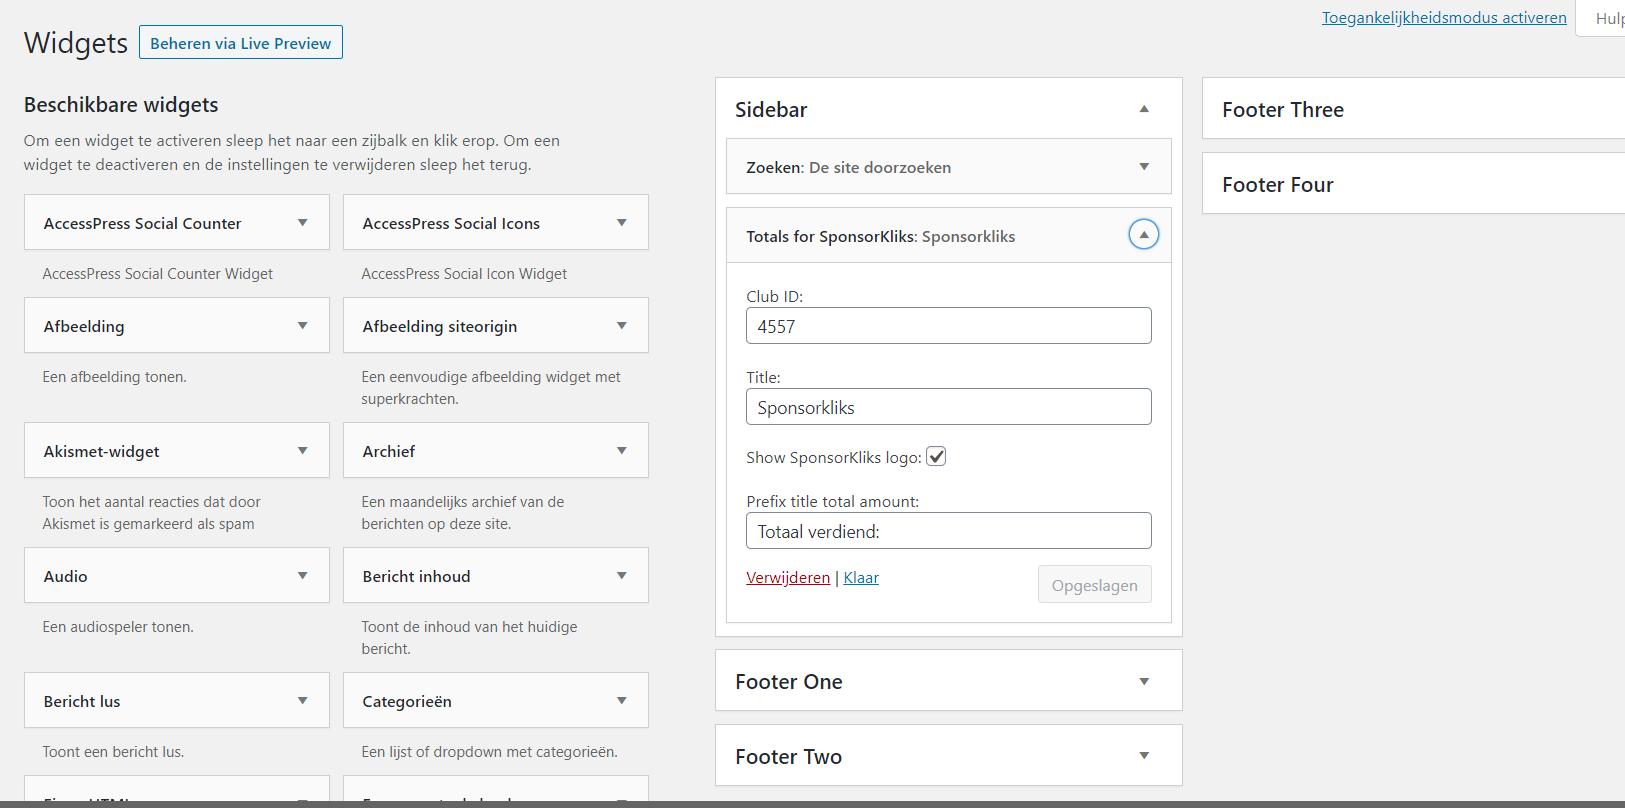 De widget, die kan worden toegevoegd aan sidebar of footer